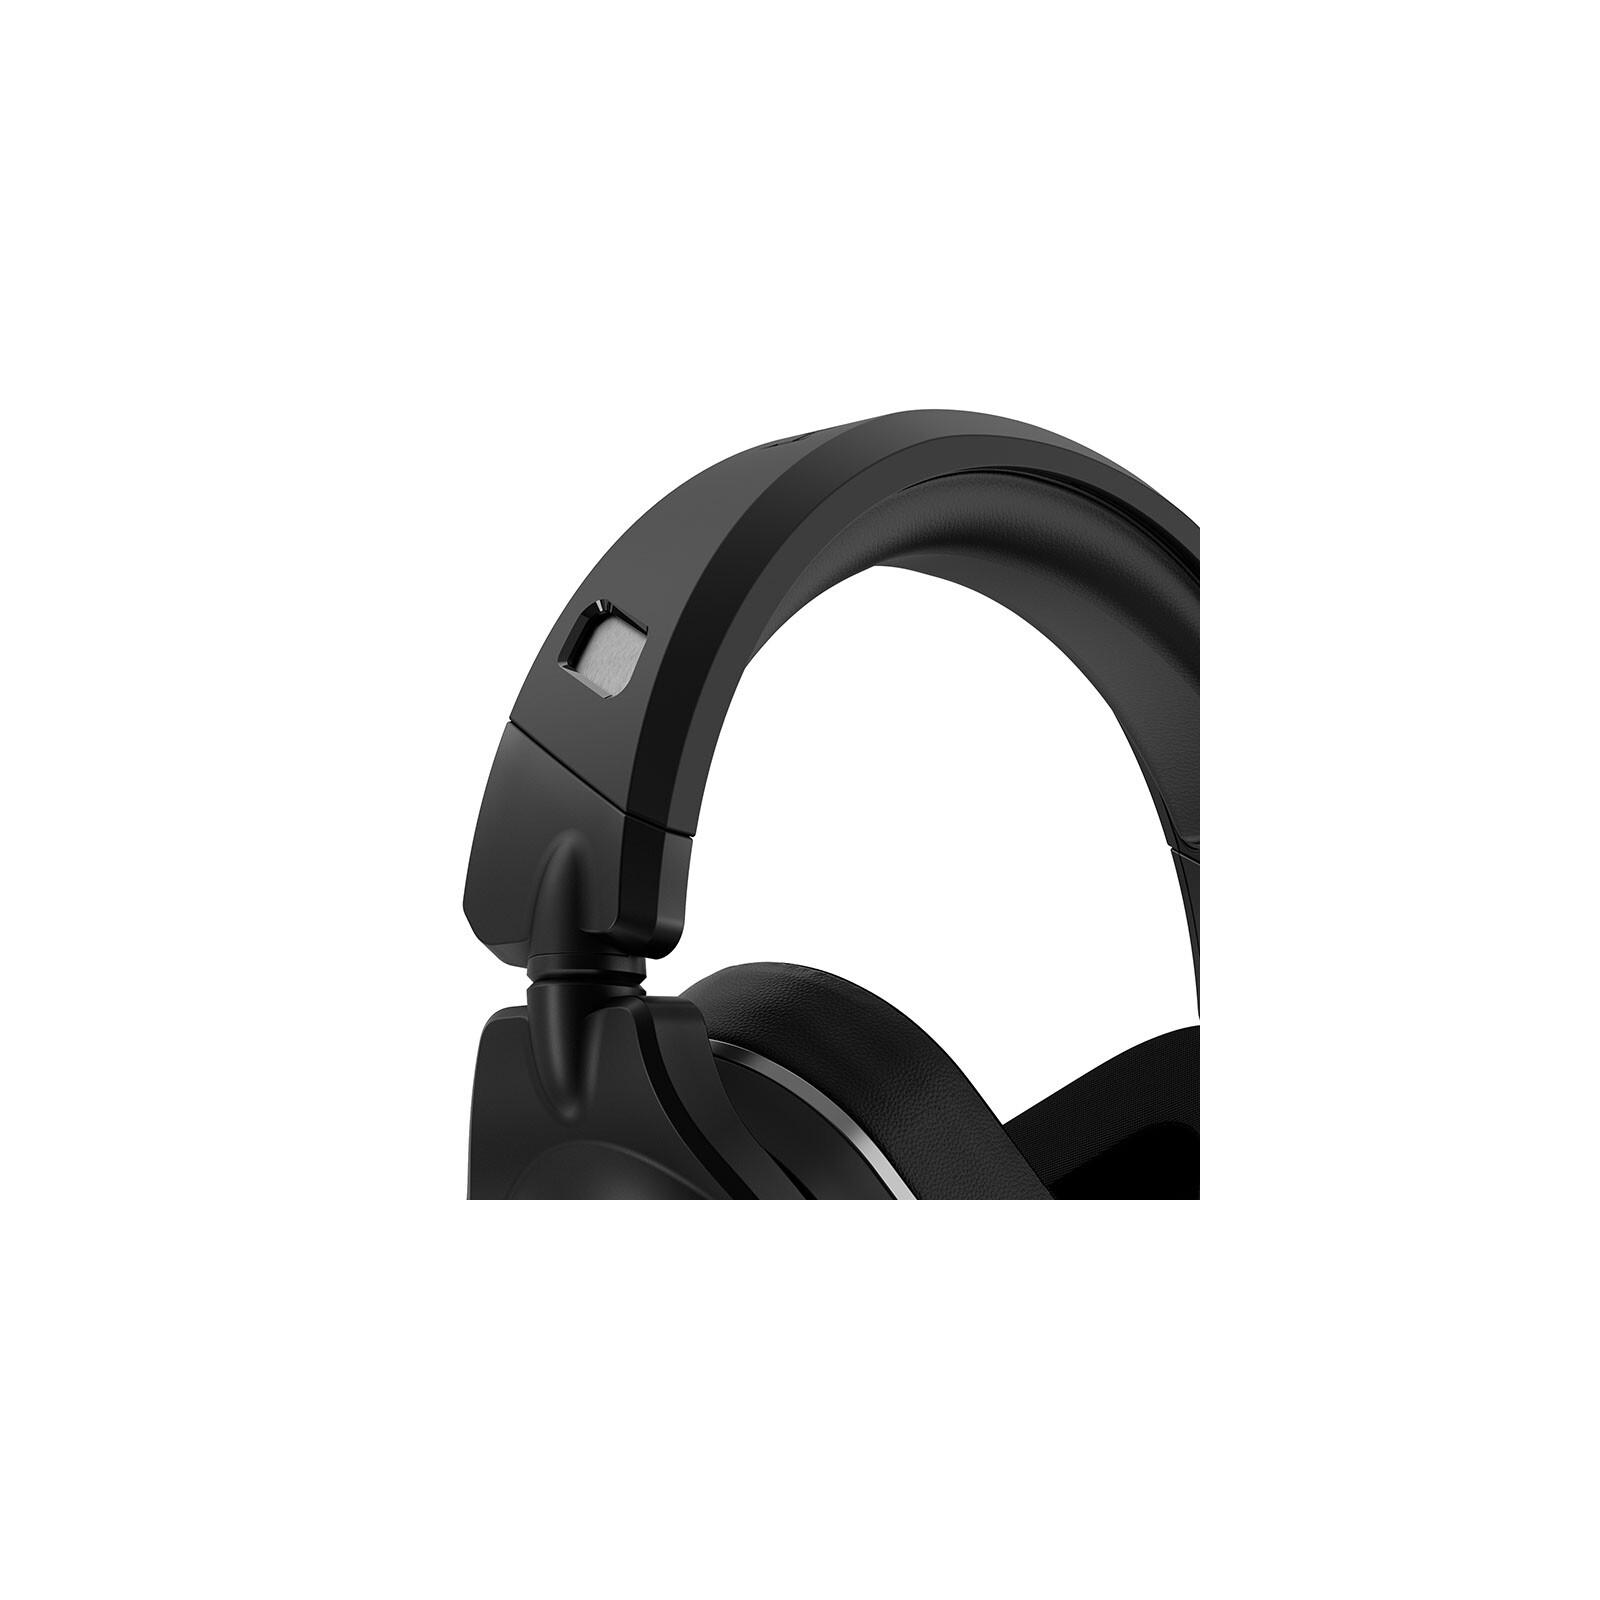 Turtle Beach Stealth 700 GEN 2, Premium Sourround Headset